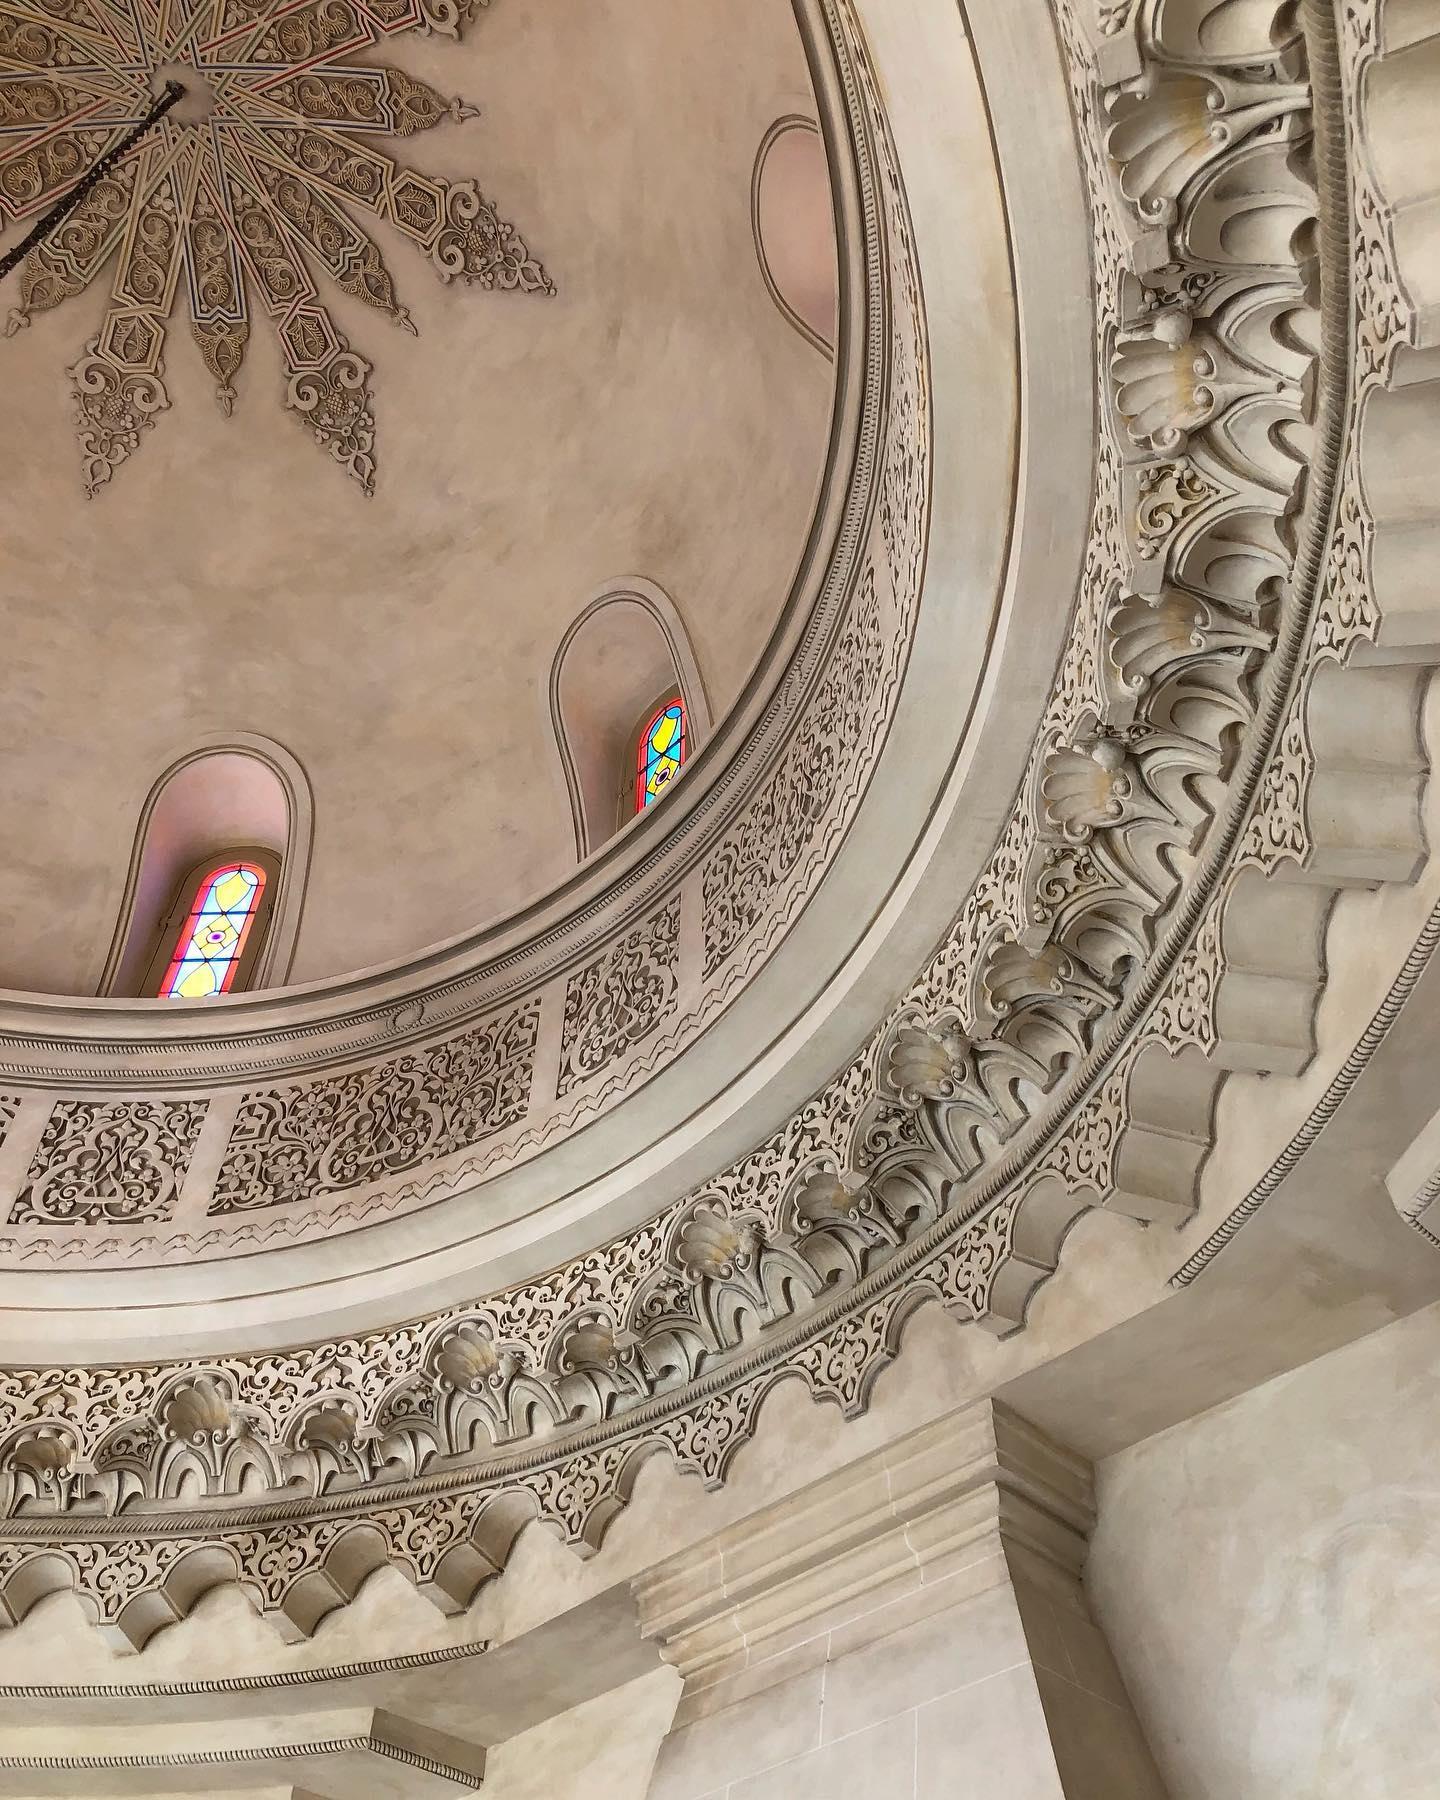 Pleins de nouveautés à vous dévoiler bientôt 🙌  #villadjunah #ouvertureprochaine #neomauresque #restauration #monumenthistorique #coupole #teaser #cotedazurfrance #frenchriviera